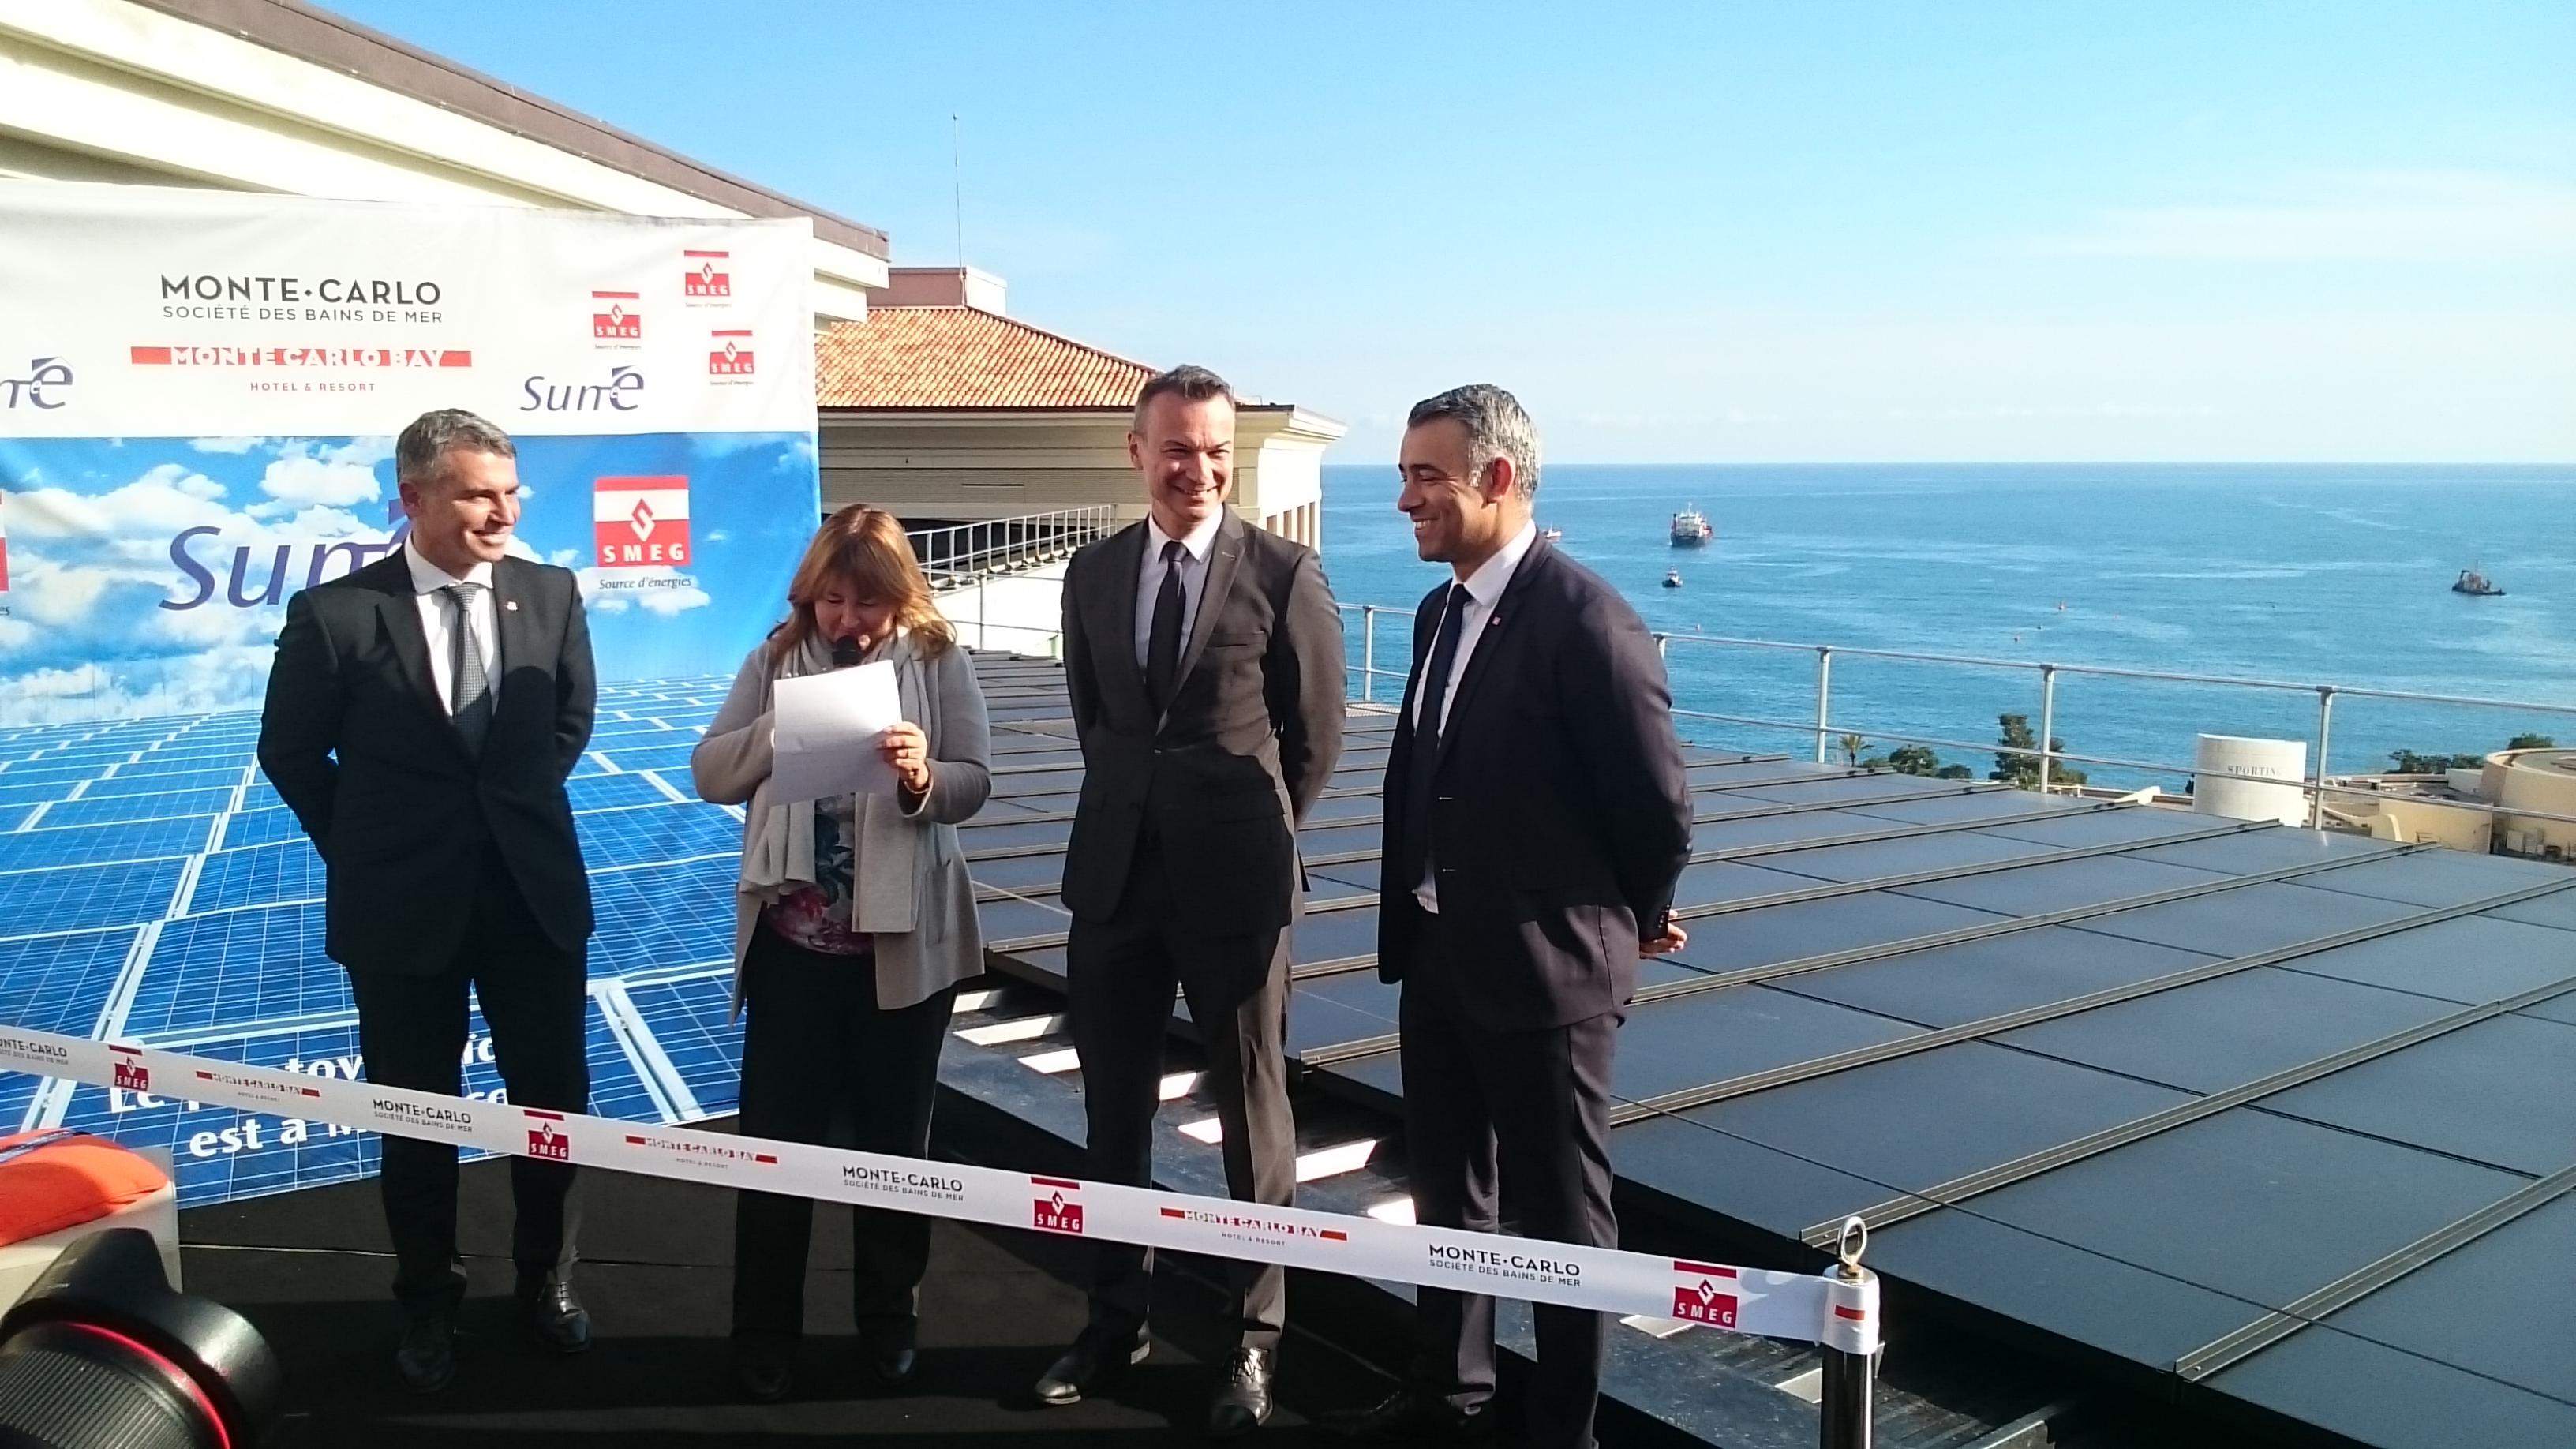 Inauguration de mise en service de la centrale solaire - Photo : Frédéric Darnet, Marie-Pierre Gramaglia, Thomas Battaglione et Achour Daïra